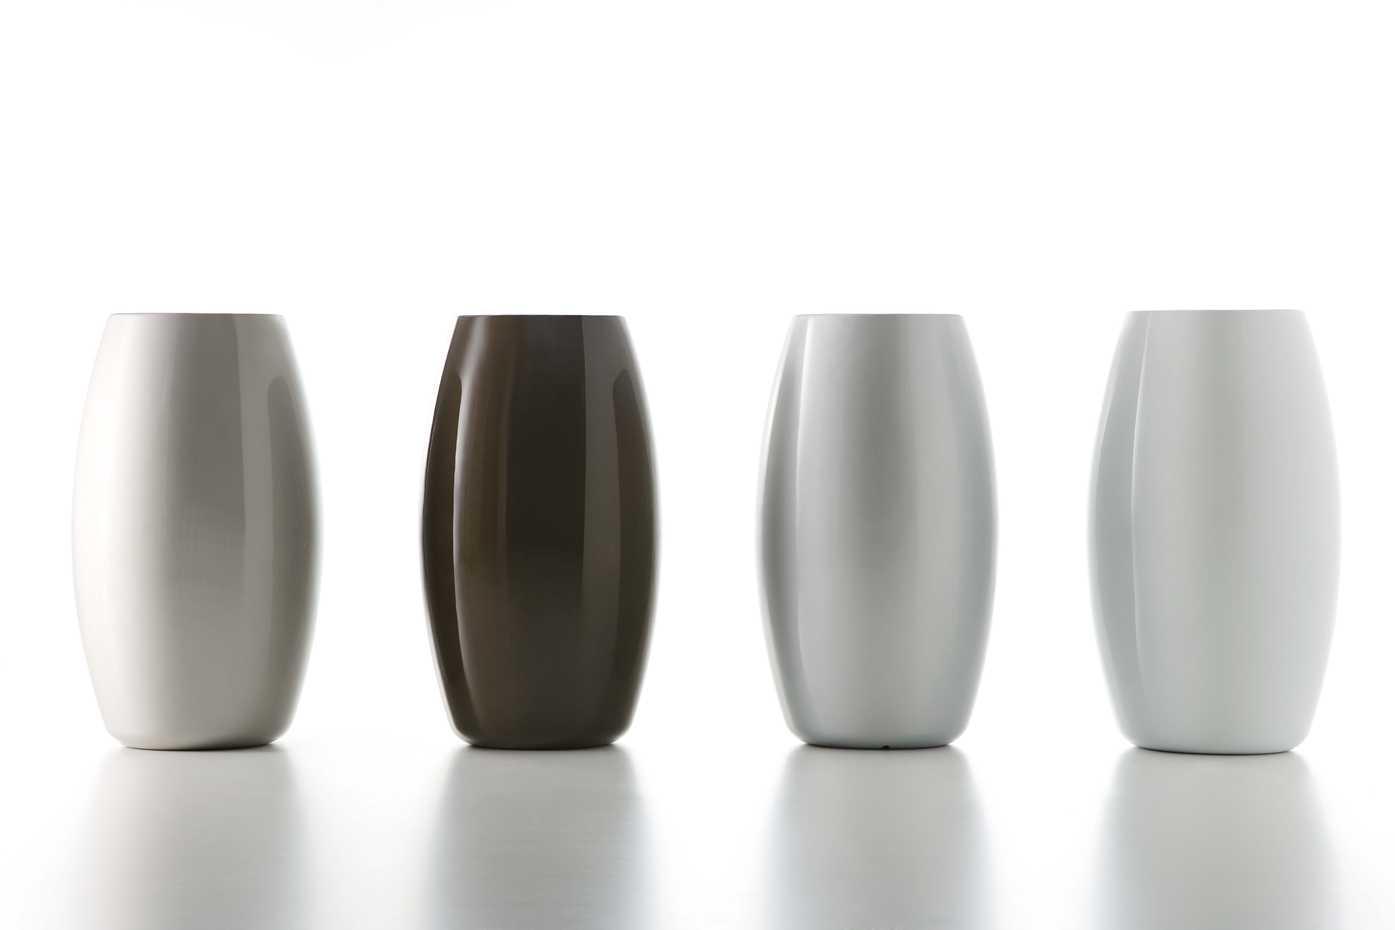 Sahara Pots by Gandia Blasco product image 5